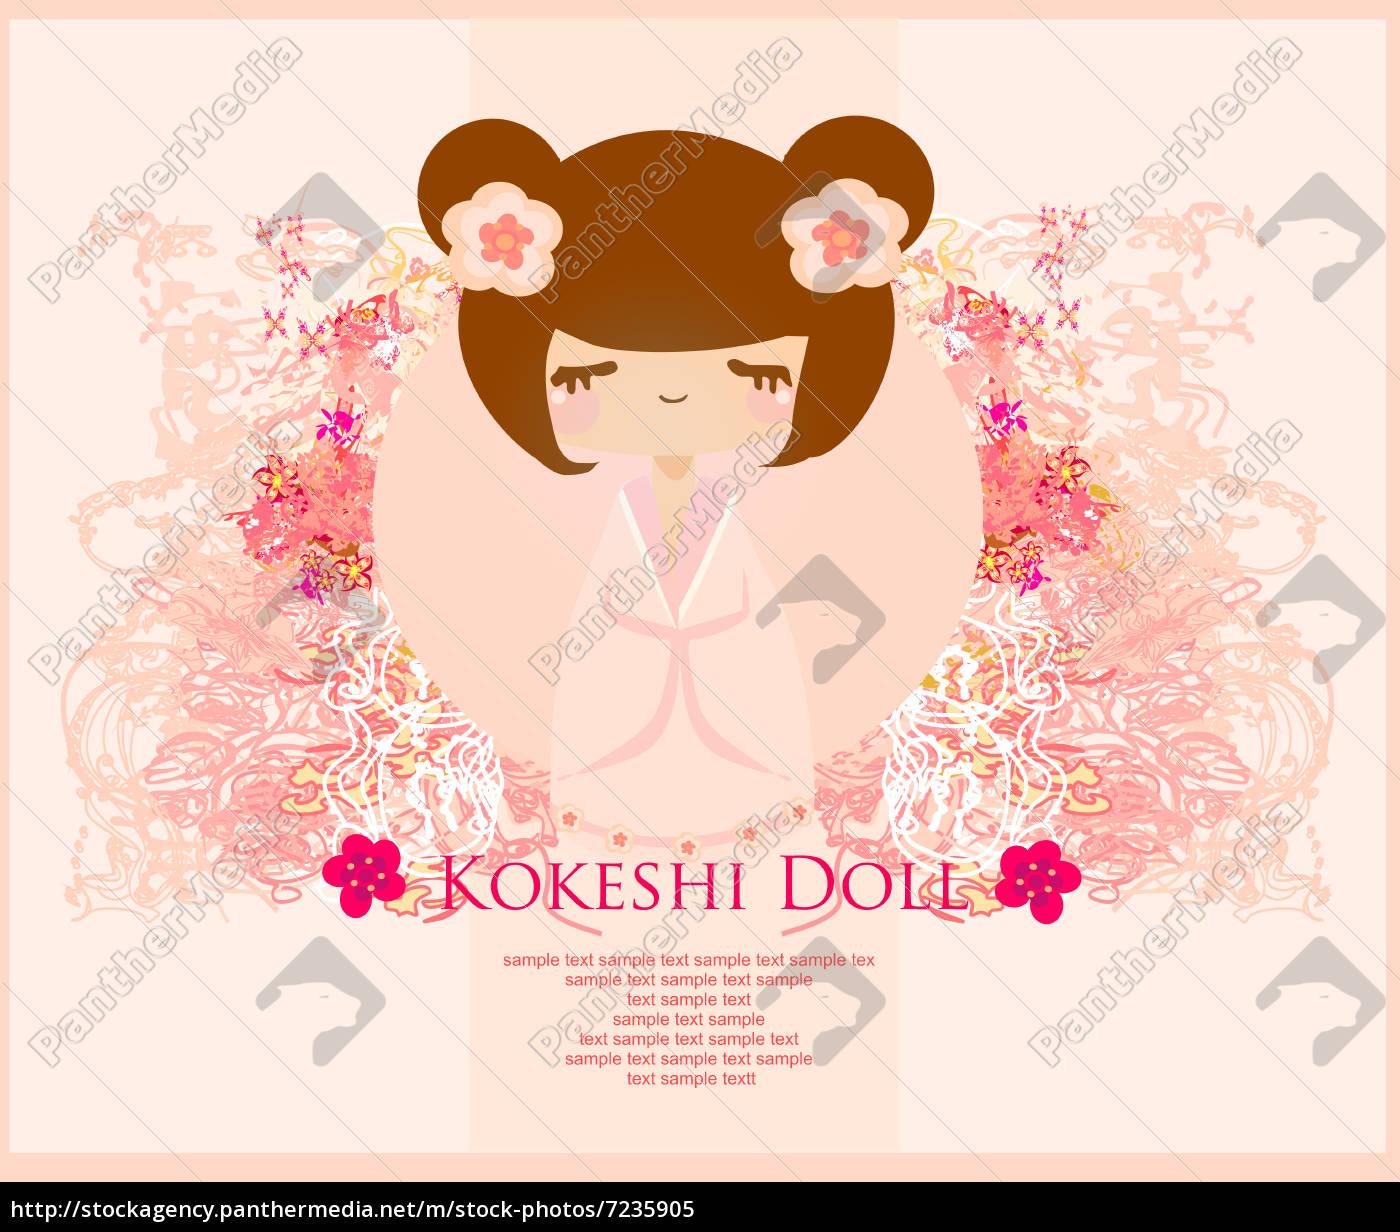 kokeshi, puppe, auf, dem, rosa, hintergrund - 7235905